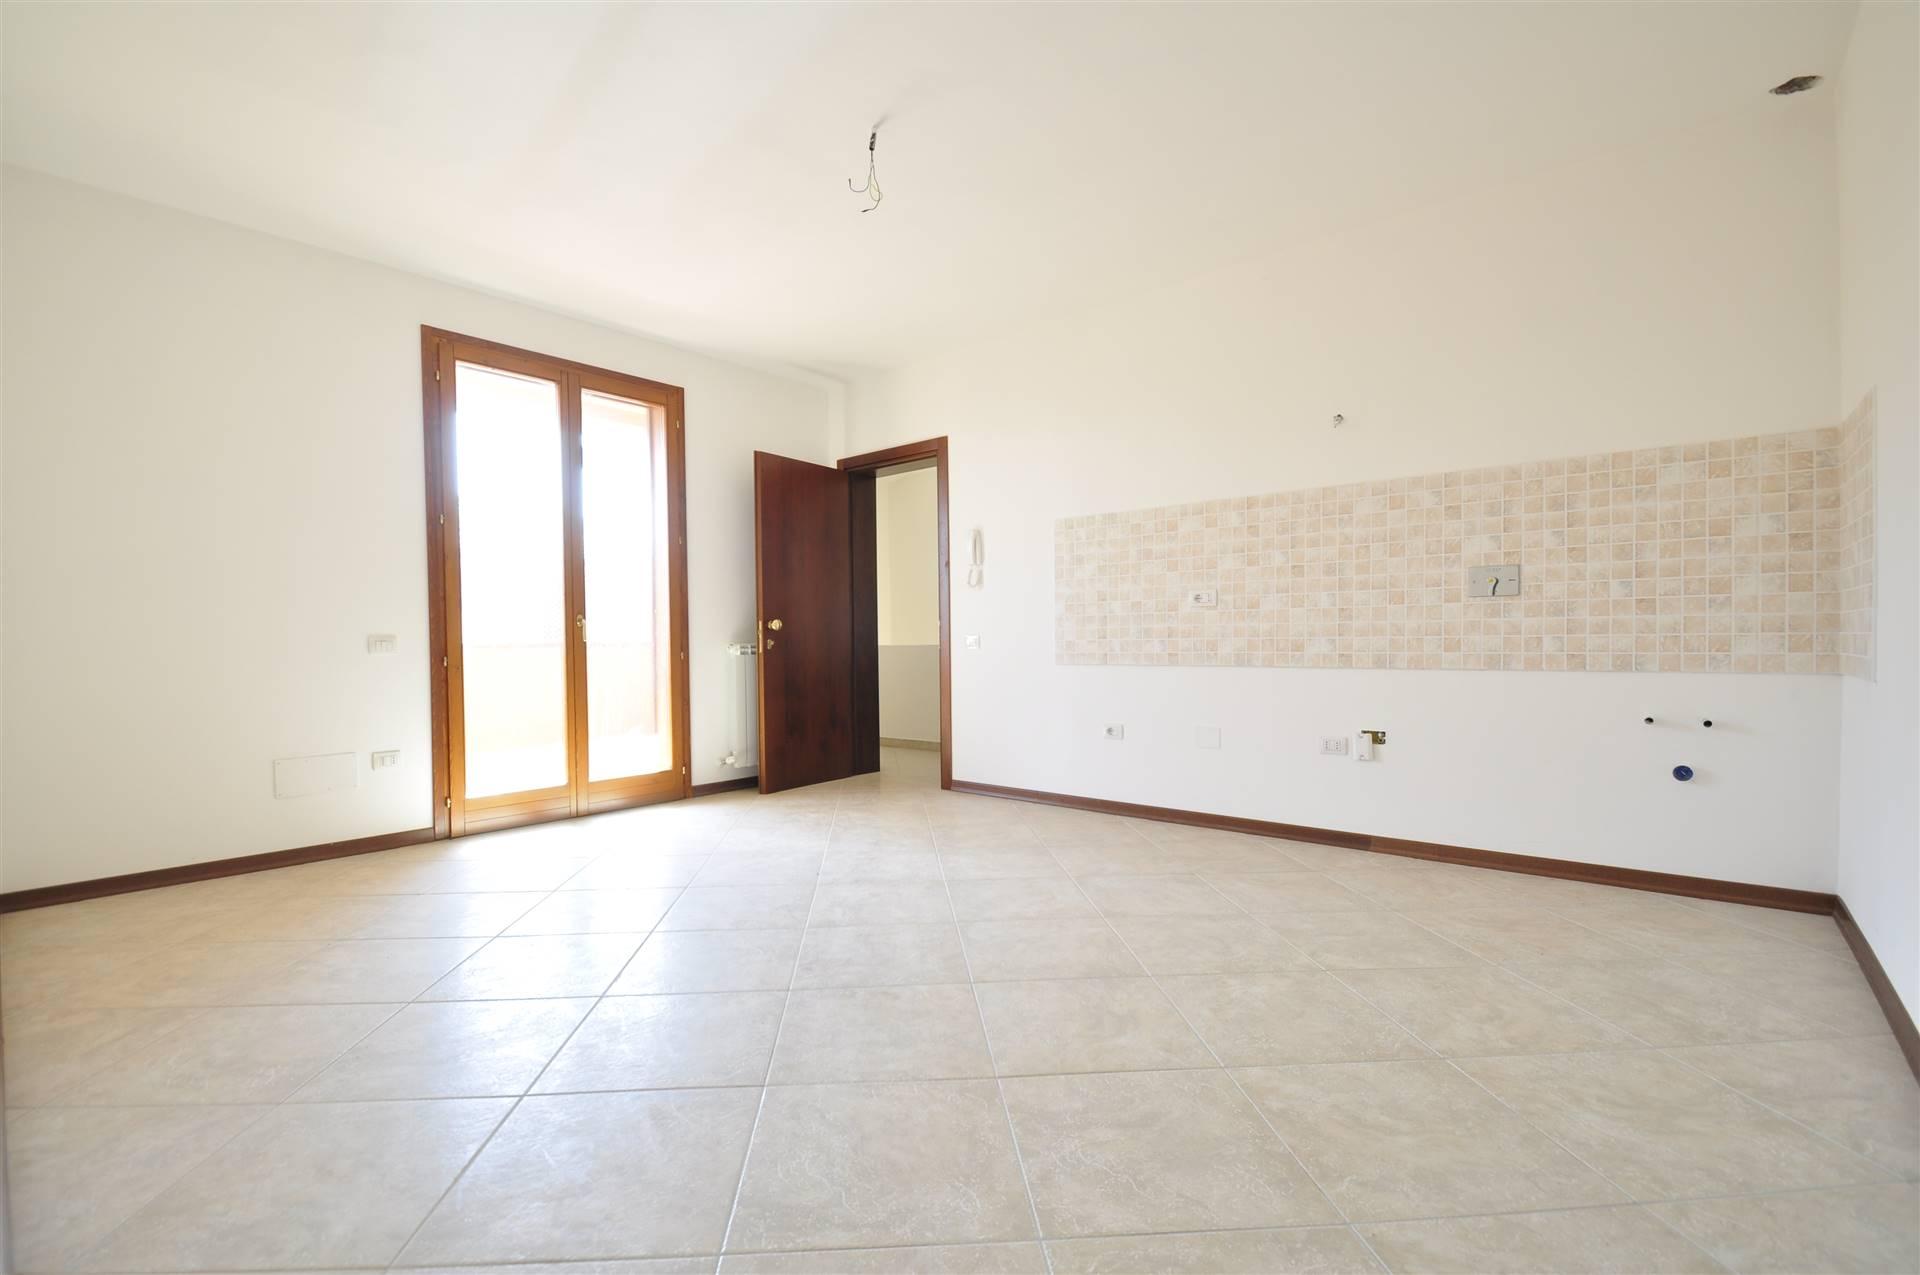 Appartamento in vendita a Campiglia Marittima, 3 locali, zona ggio, prezzo € 165.000   PortaleAgenzieImmobiliari.it